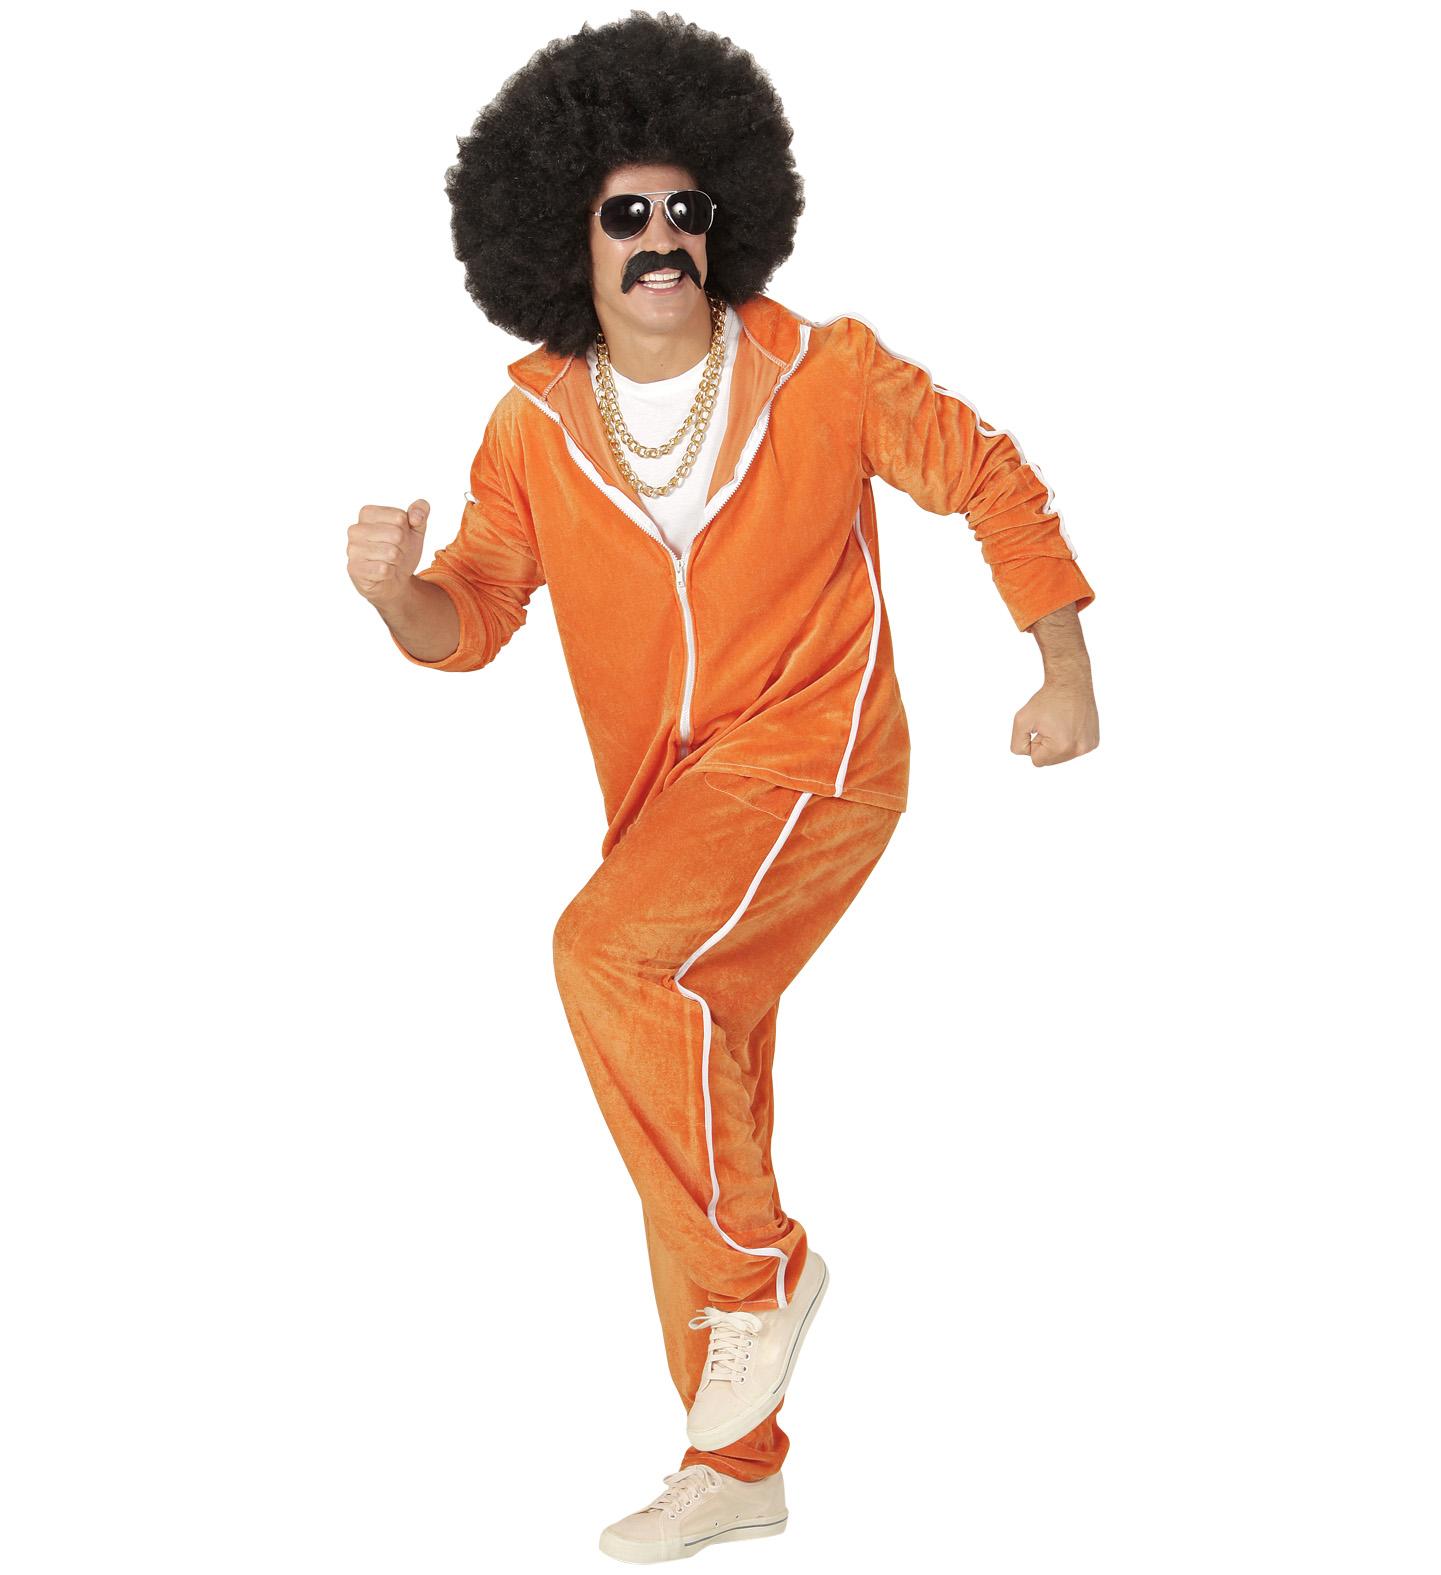 neuesten Stil Kauf echt speziell für Schuh 80er Jahre Herren Trainingsanzug in Frottee-Optik Orange